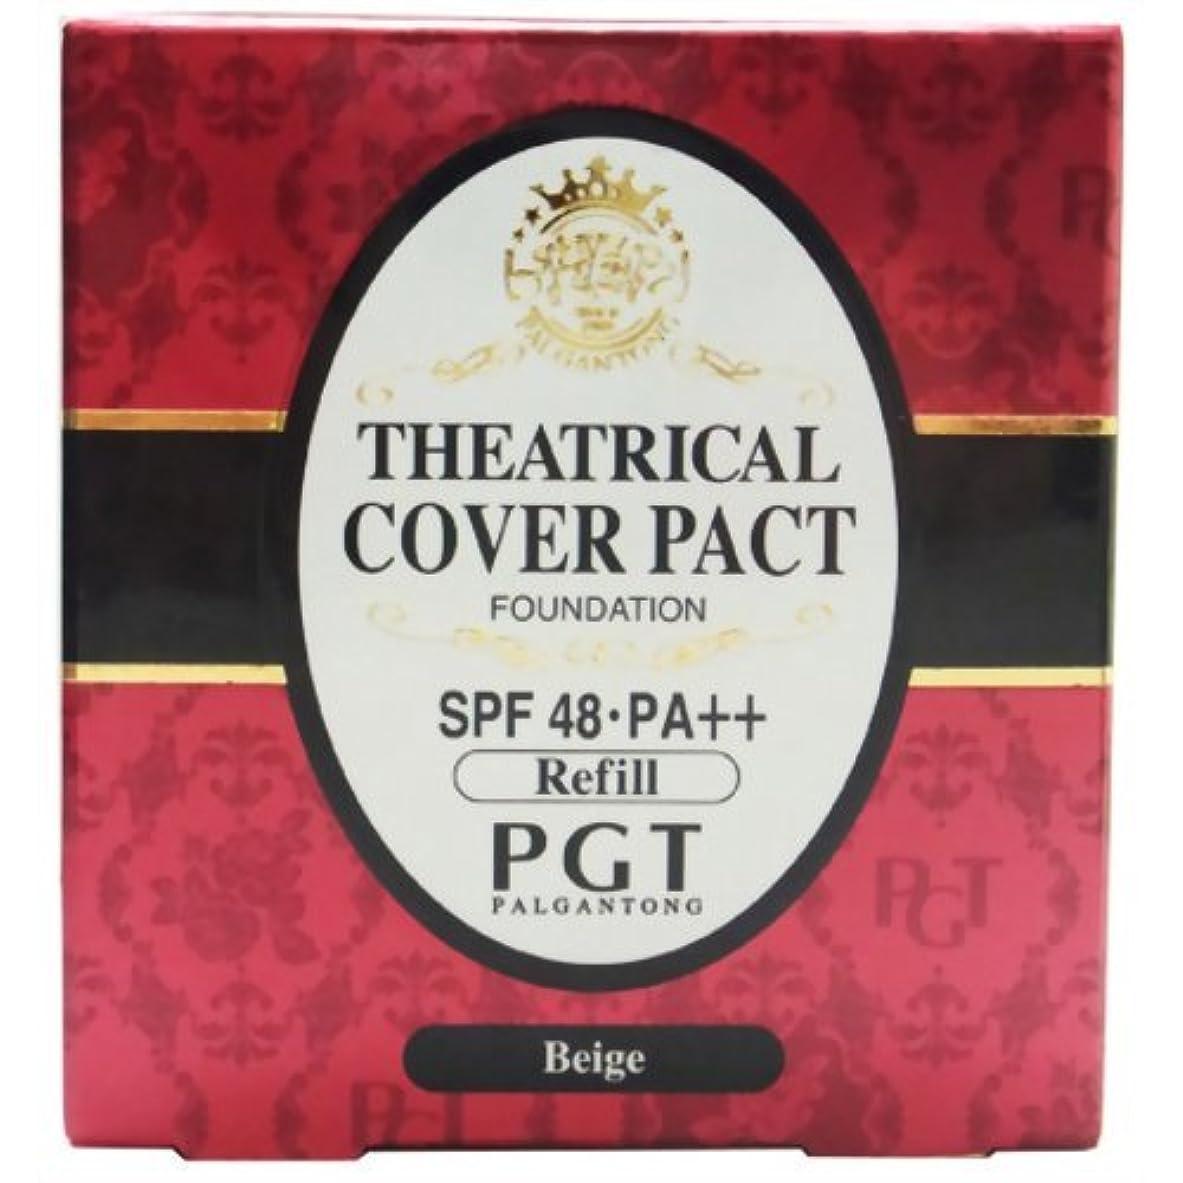 同行ウイルス実際のパルガントン シアトリカルカバーパクト ベージュ パフ付 SPF48?PA++ 10g